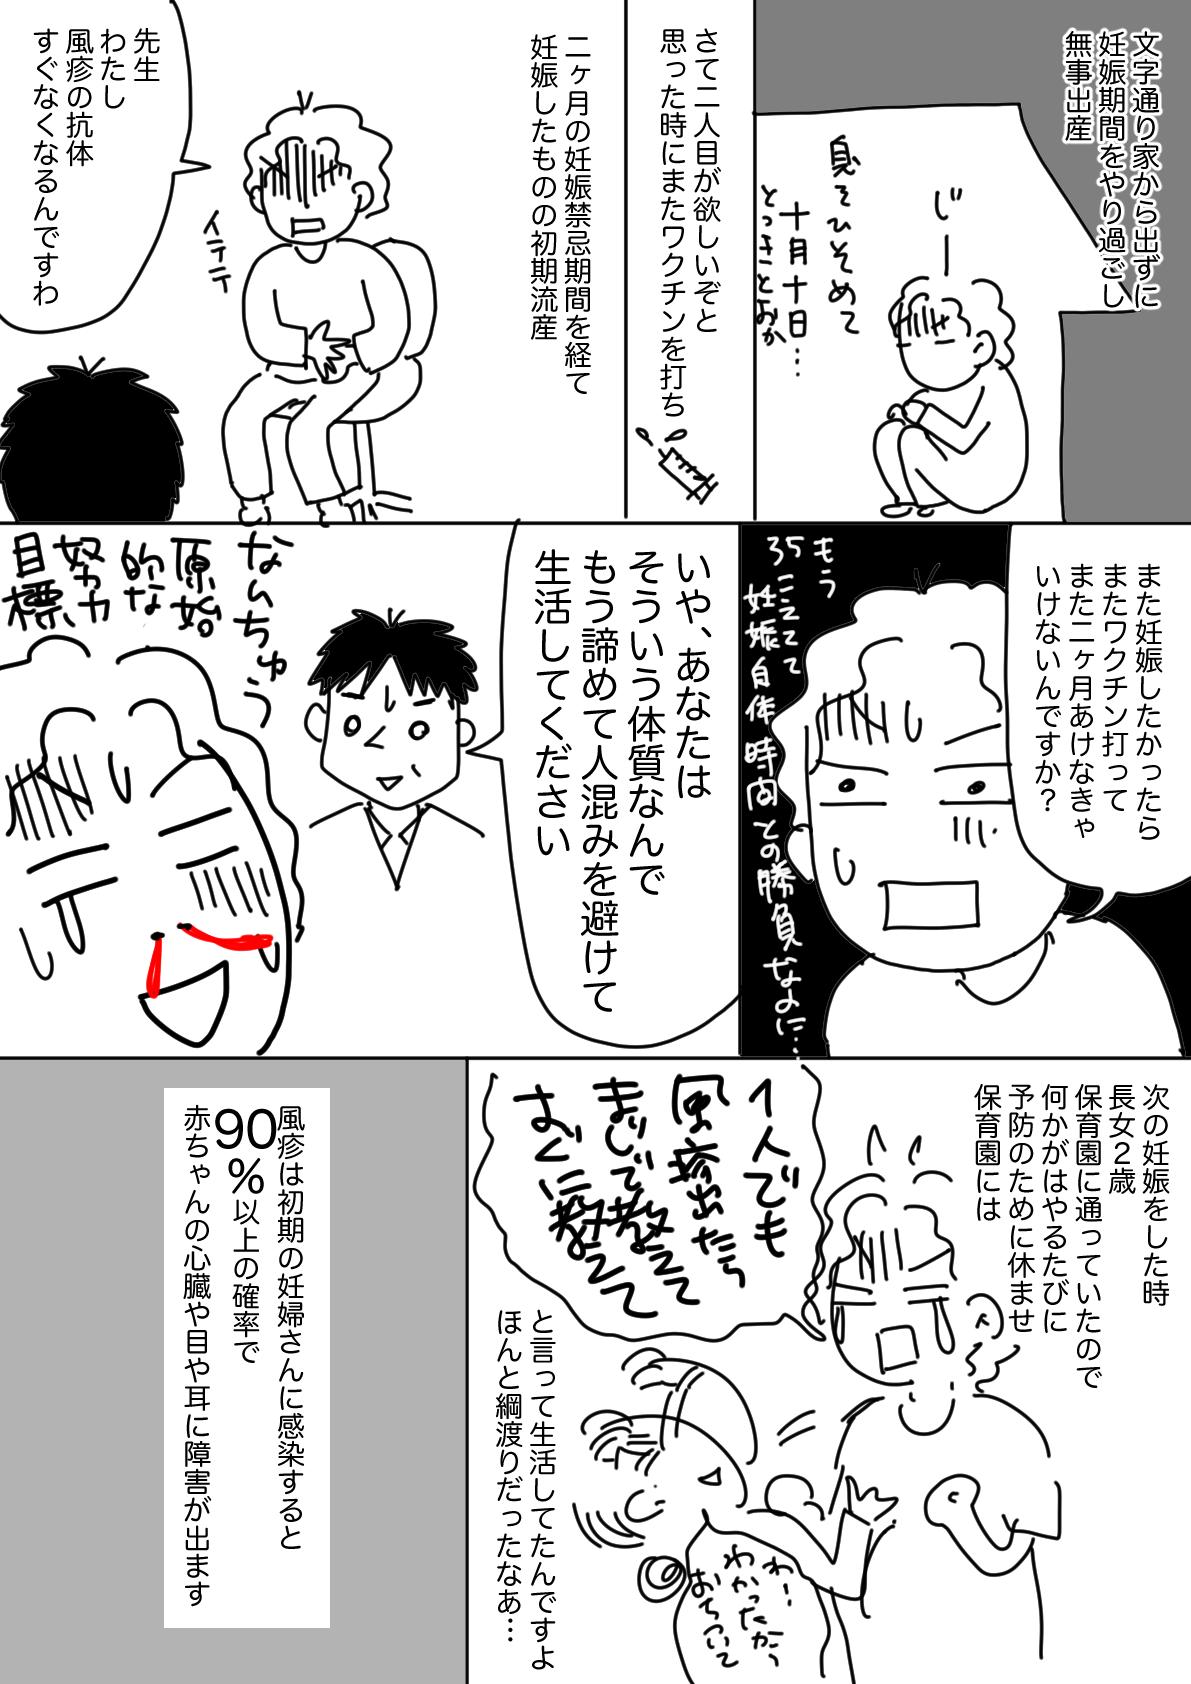 風疹_002